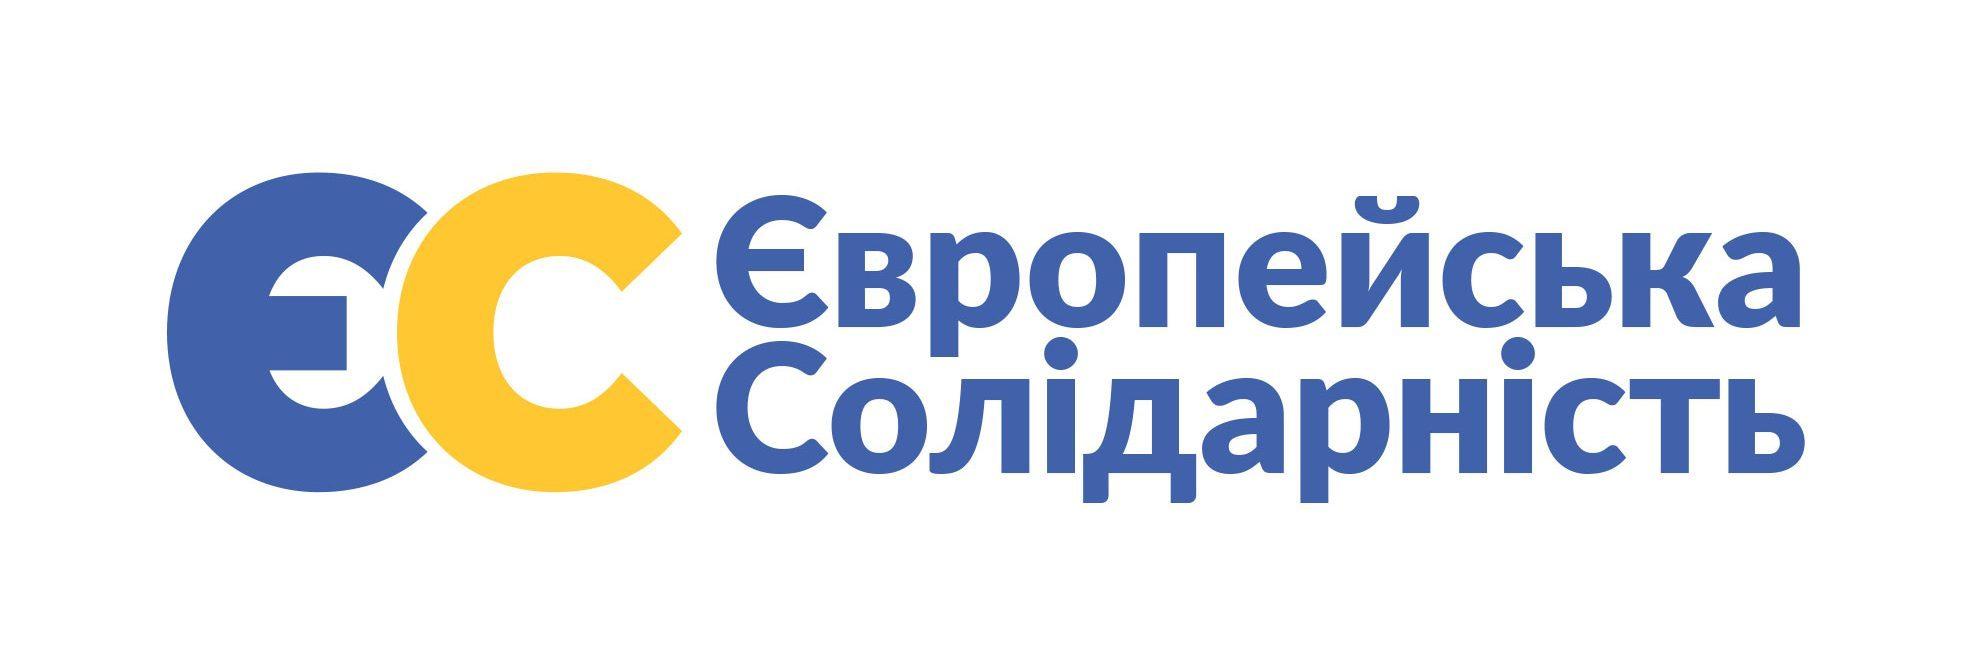 Європейська Солідарність – Чернігівська територіальна організація